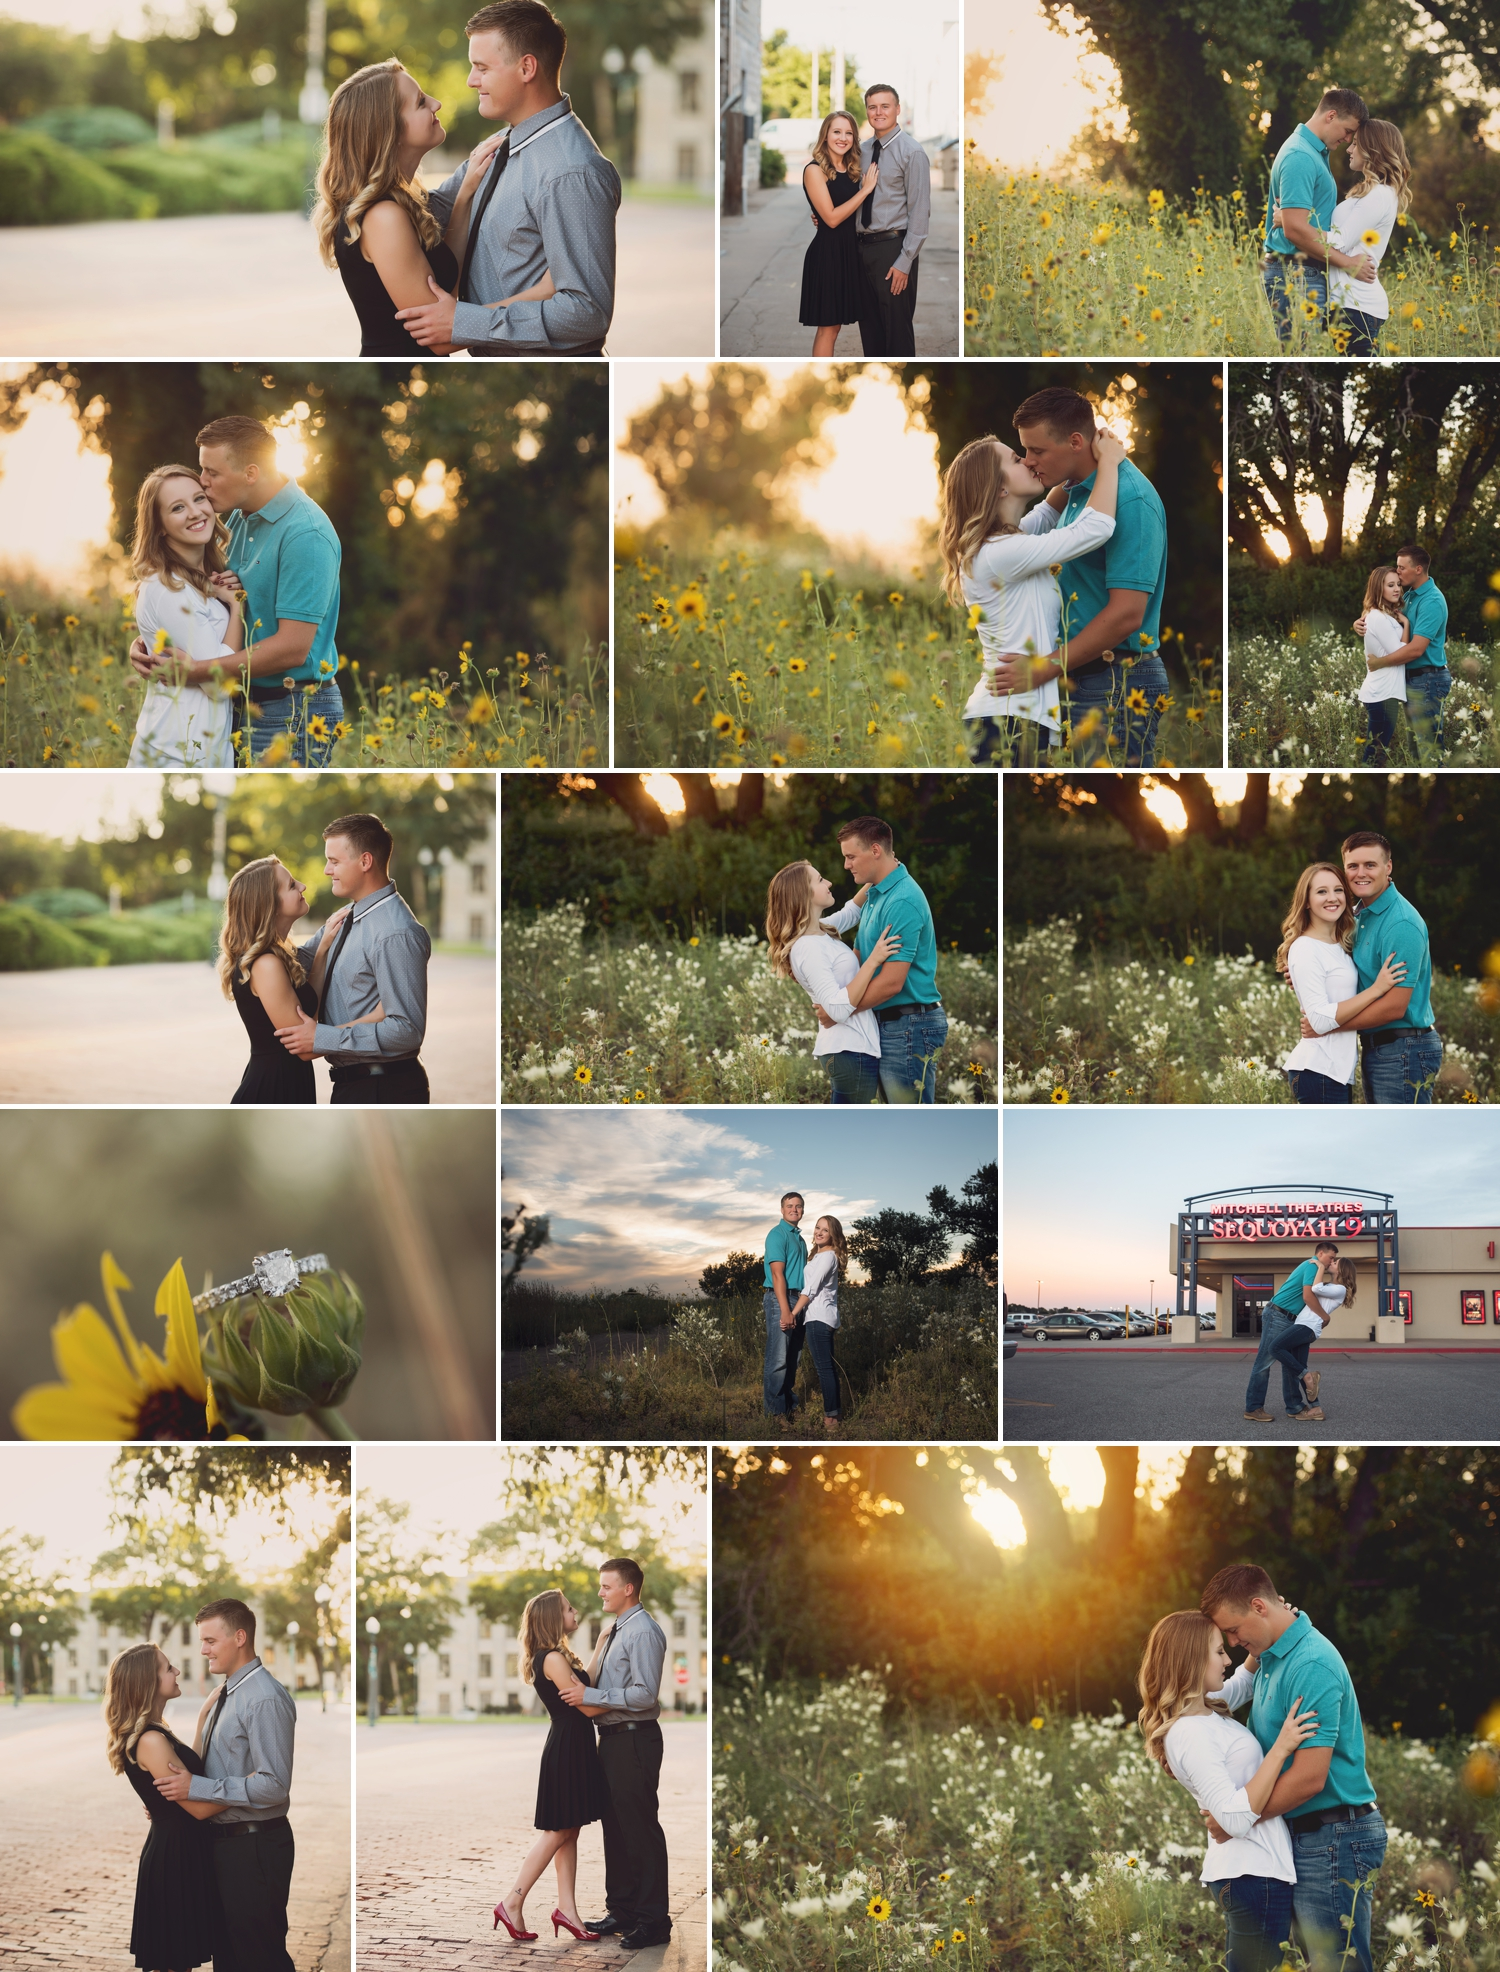 southwest-kansas-engagement-photography.jpg